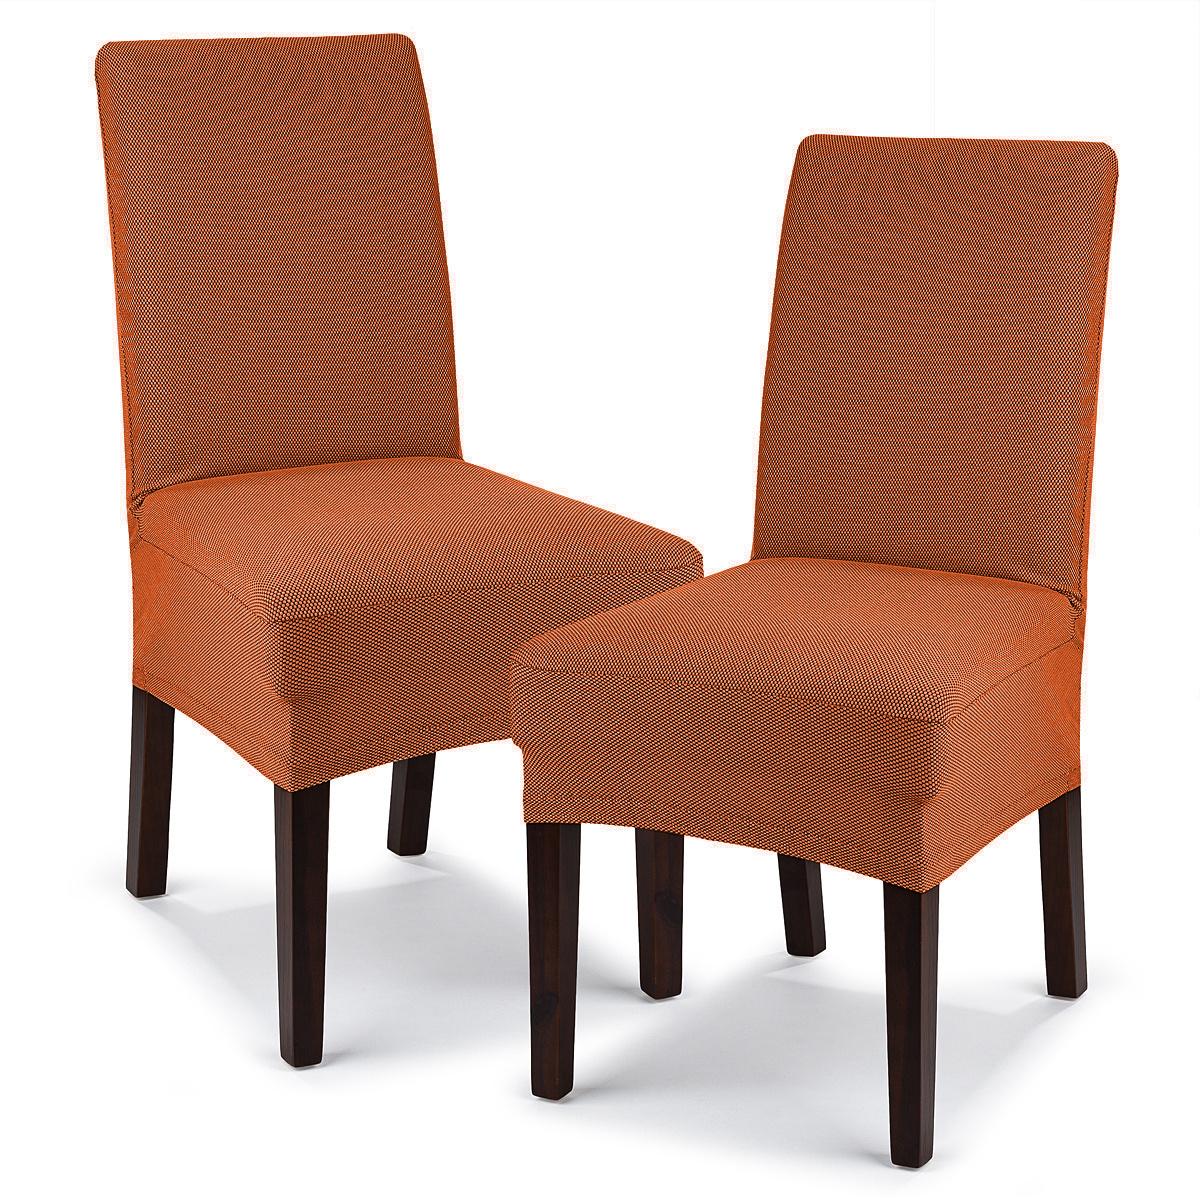 4Home Pokrowiec multielastyczny na krzesło Comfort terracotta, 40 - 50 cm, 2 szt.